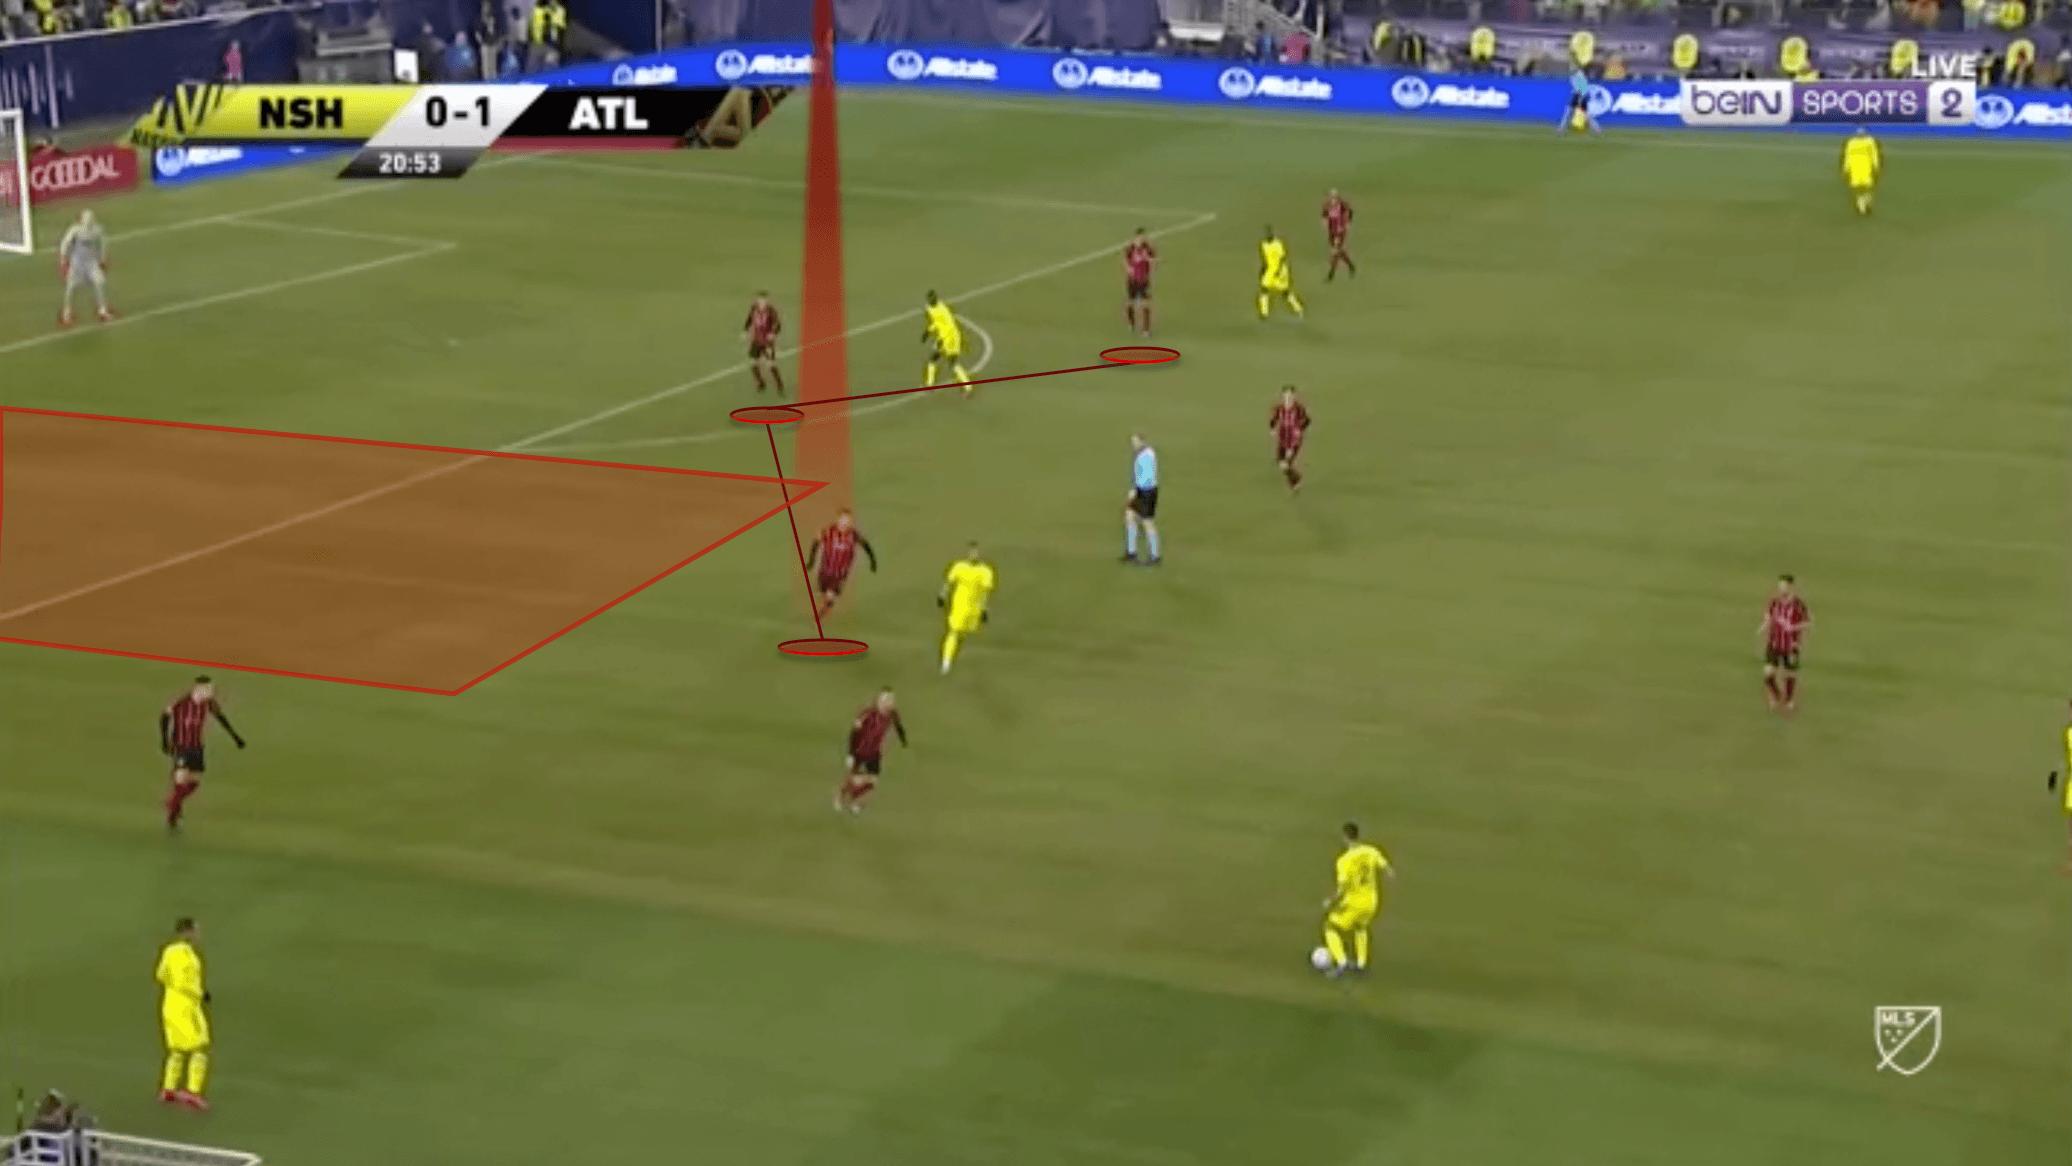 MLS 2020: Nashville vs Atlanta United - tactical analysis tactics